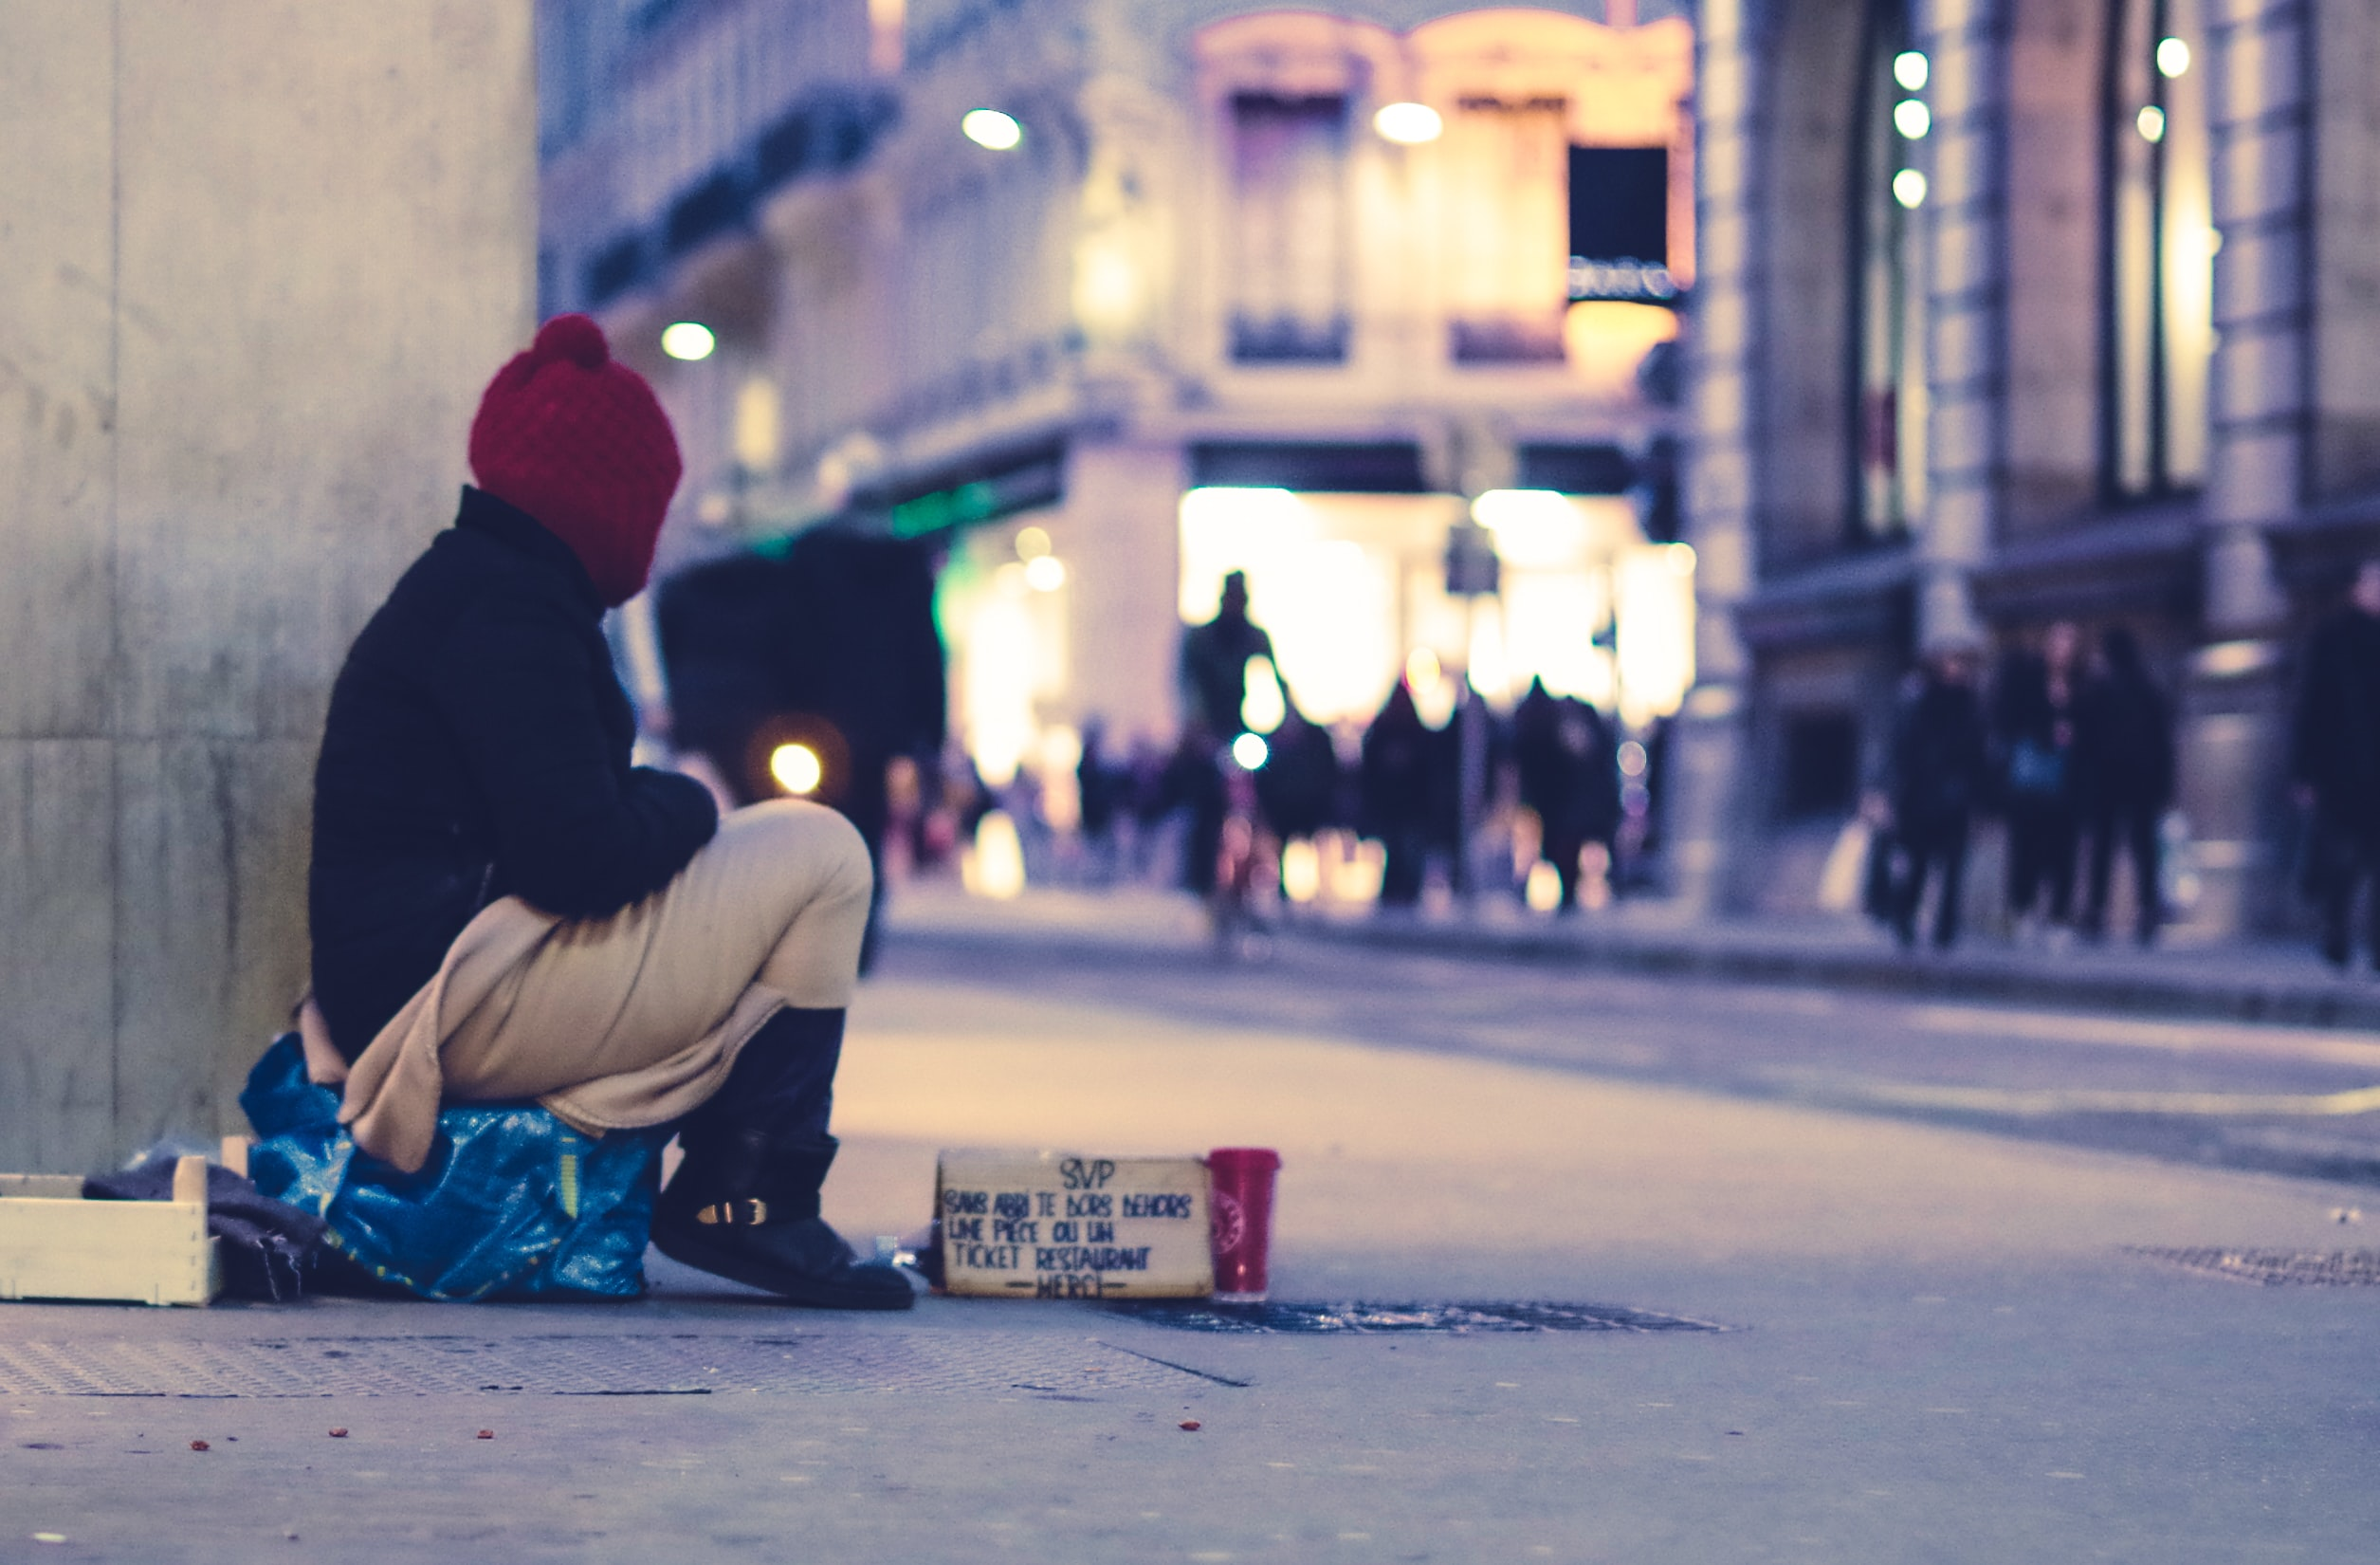 Berliner Coworking Space öffnet für Obdachlose